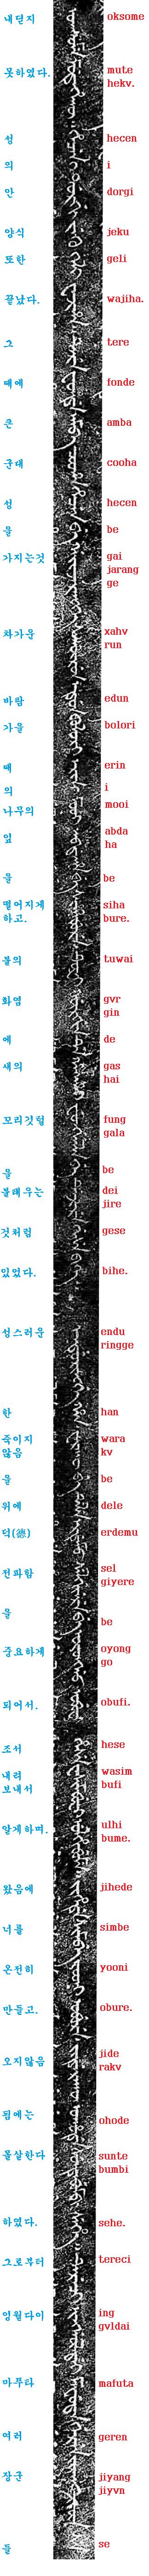 만주어 삼전도비 번역 및 쓰기 3부-조선왕 너 오지 ..